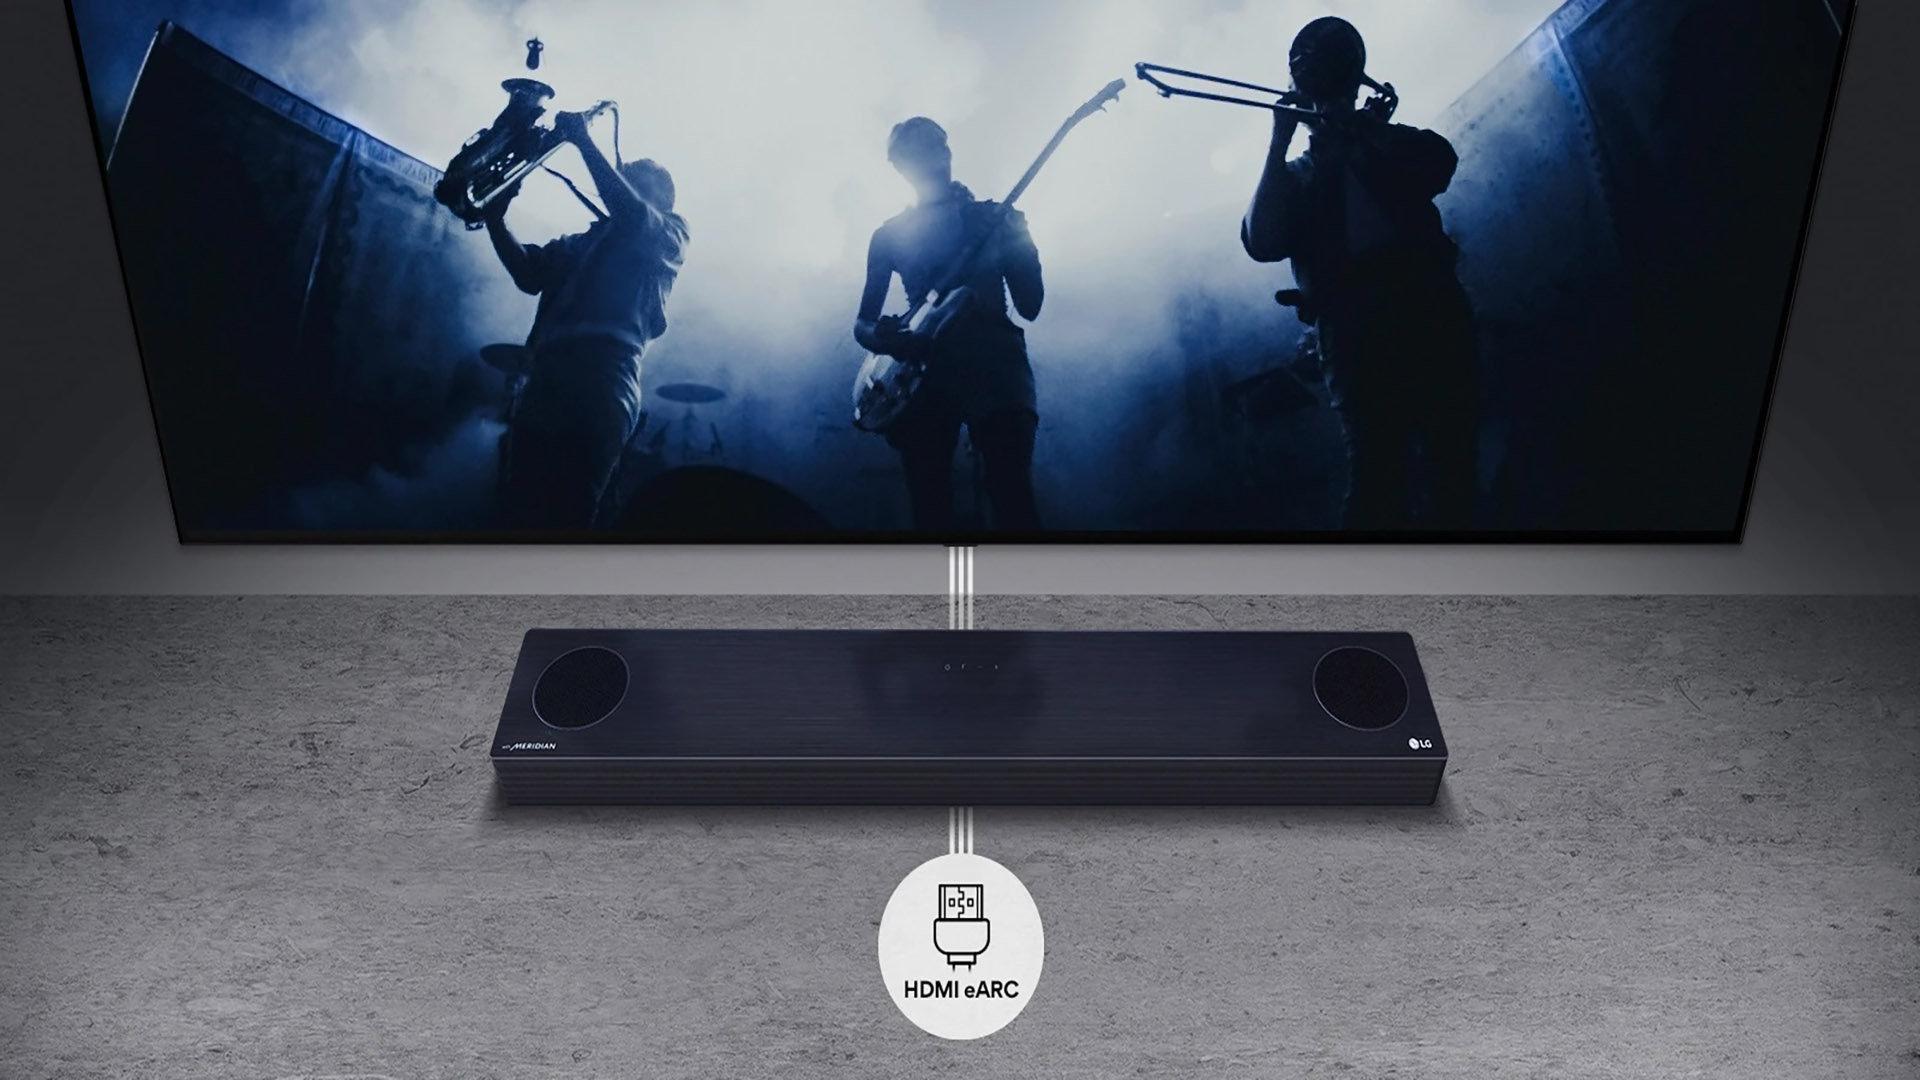 Lg lança soundbars sp8a e sp9a com inteligência artificial e design sustentável. As novas soundbars sp8a e sp9a da lg trazem diversas tecnologias que melhoram a percepção do som, além de serem totalmente recicláveis.